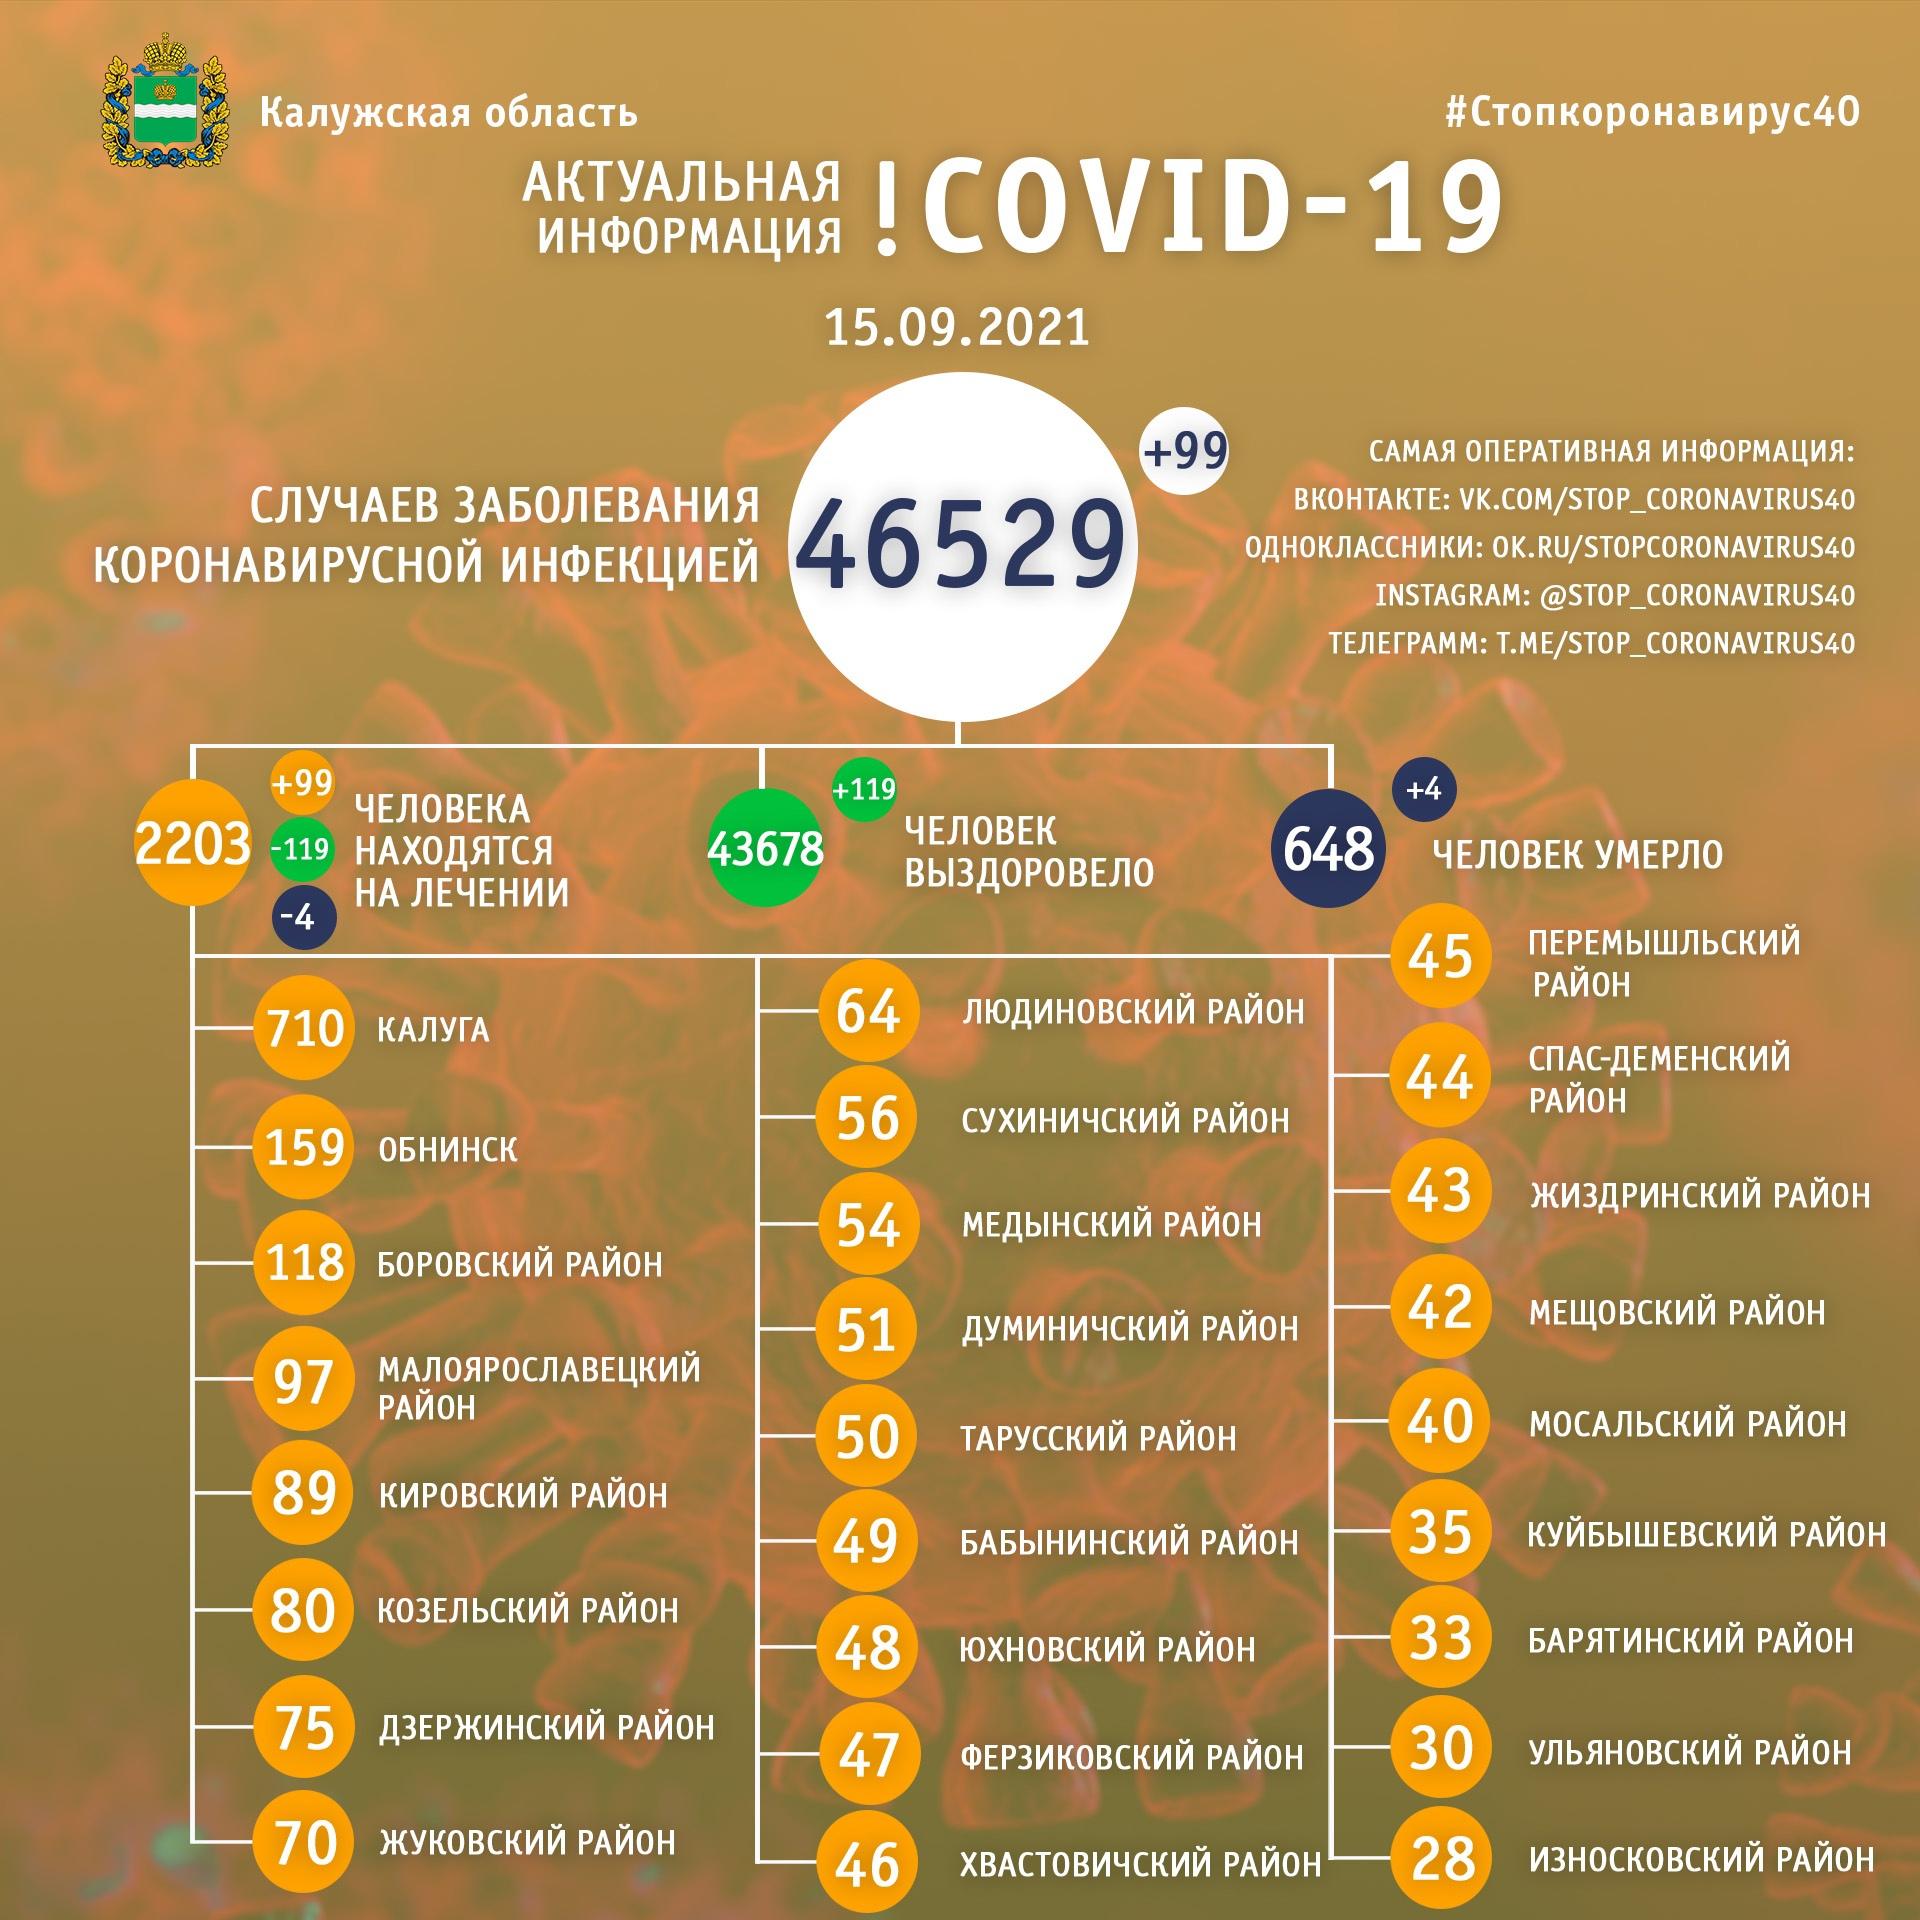 Официальная статистика по коронавирусу в Калужской области на 15 сентября 2021 года.